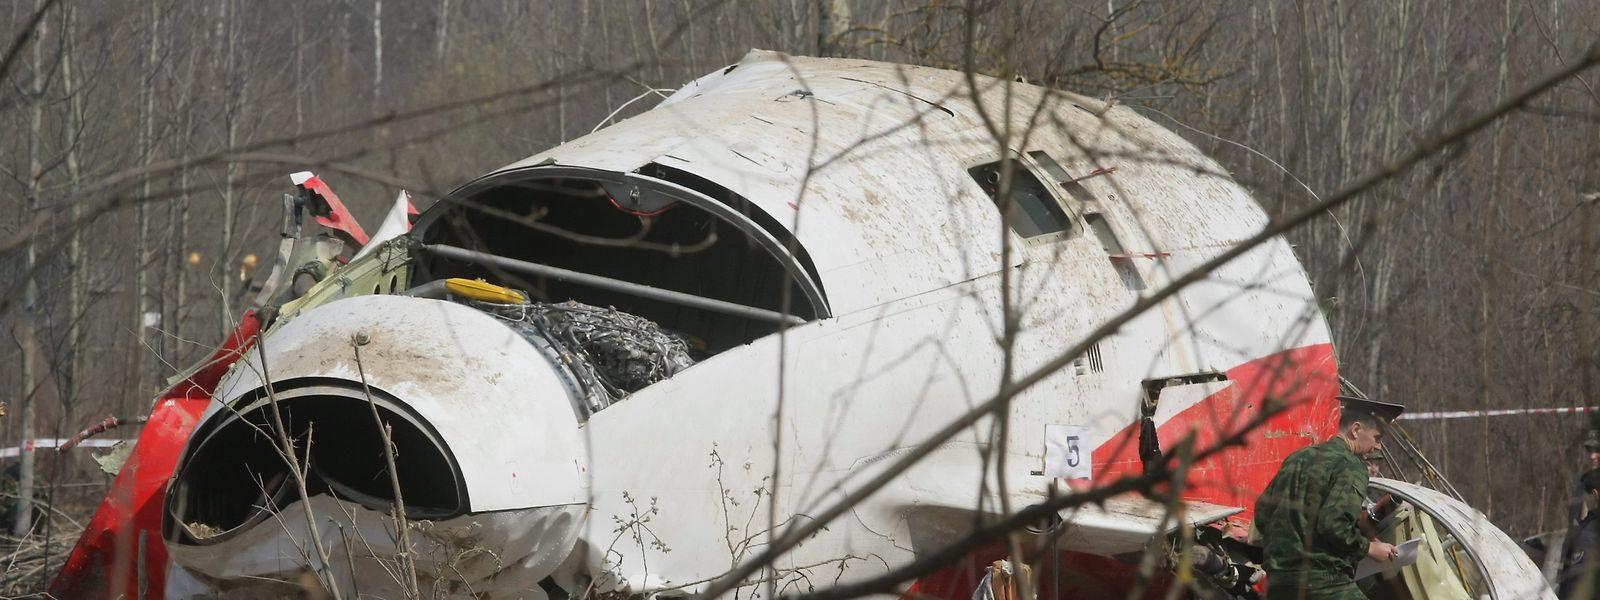 Russische Spezialisten arbeiten am Fundort des abgestürzten Flugzeuges der polnischen Regierung Tupolev Tu-154.